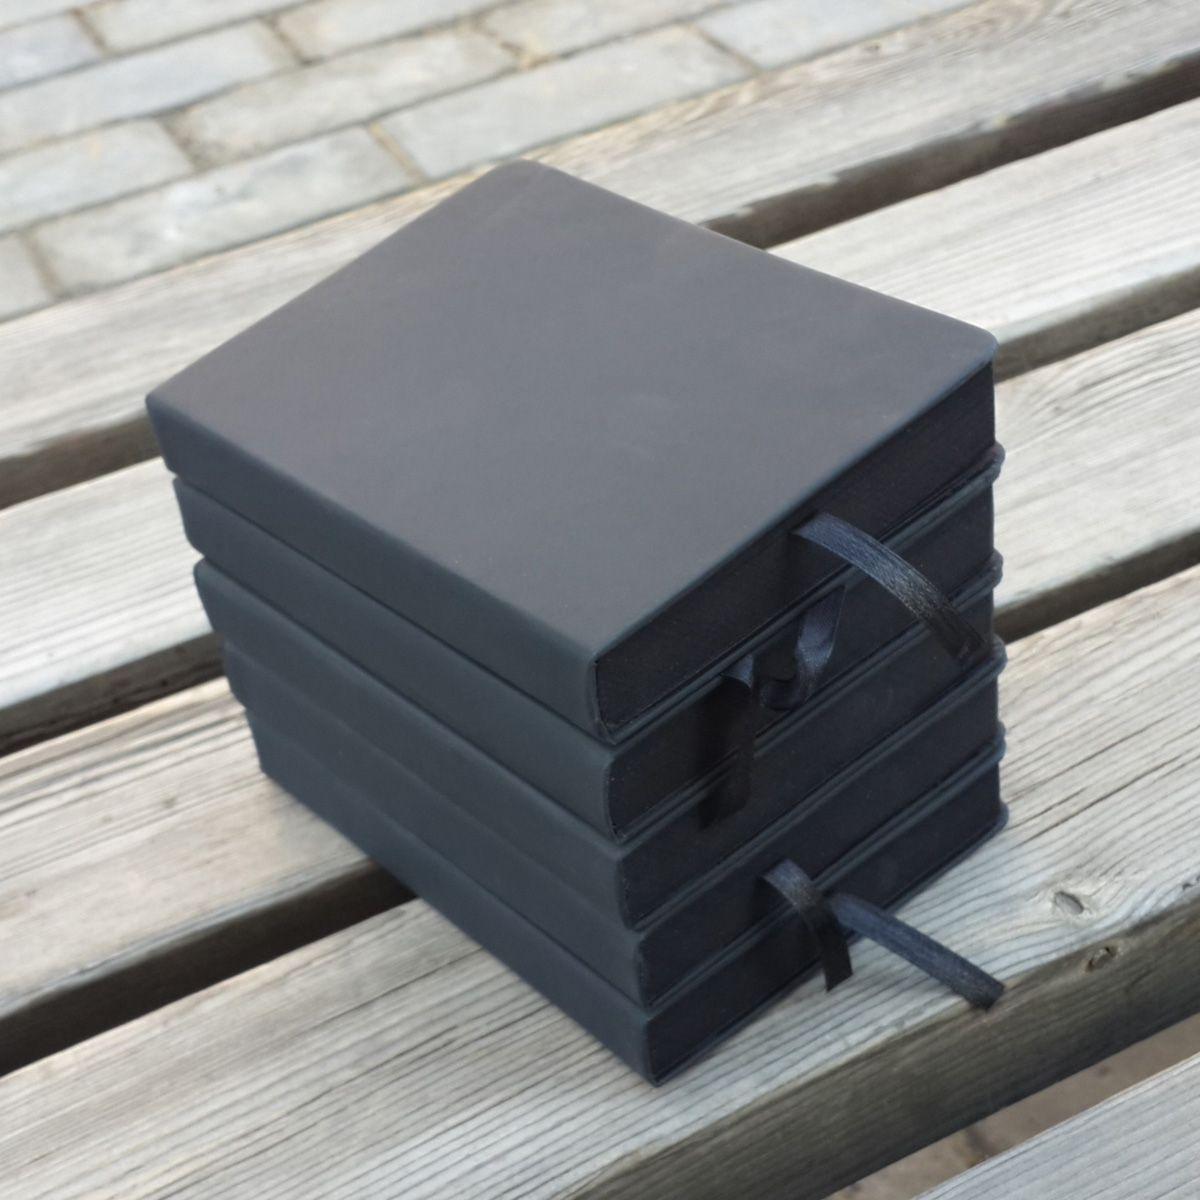 2019 A5/A6 housse en polyuréthane papeterie papier bloc-notes bricolage blanc noir journal créatif mignon graffiti carnet de notes papier carnet de croquis